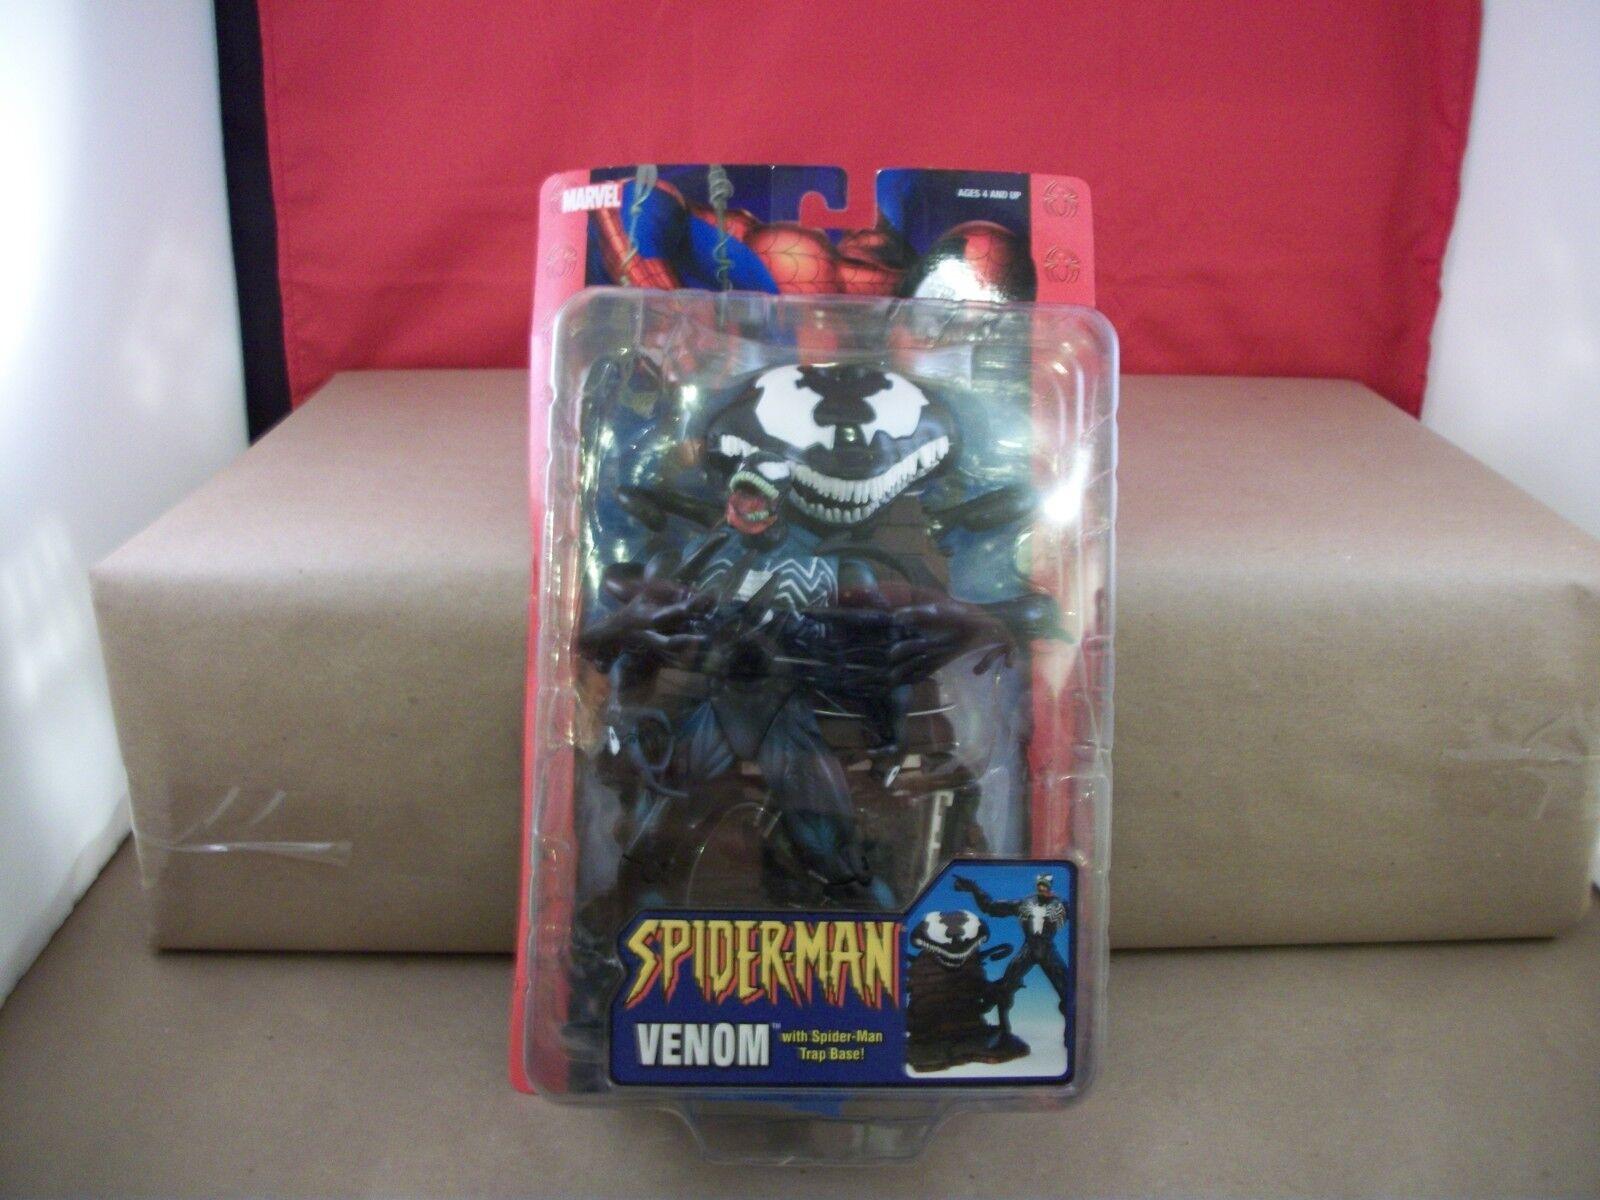 New Spider-Man Venom Action Figure with Spider-Man Trap Base - 2004-